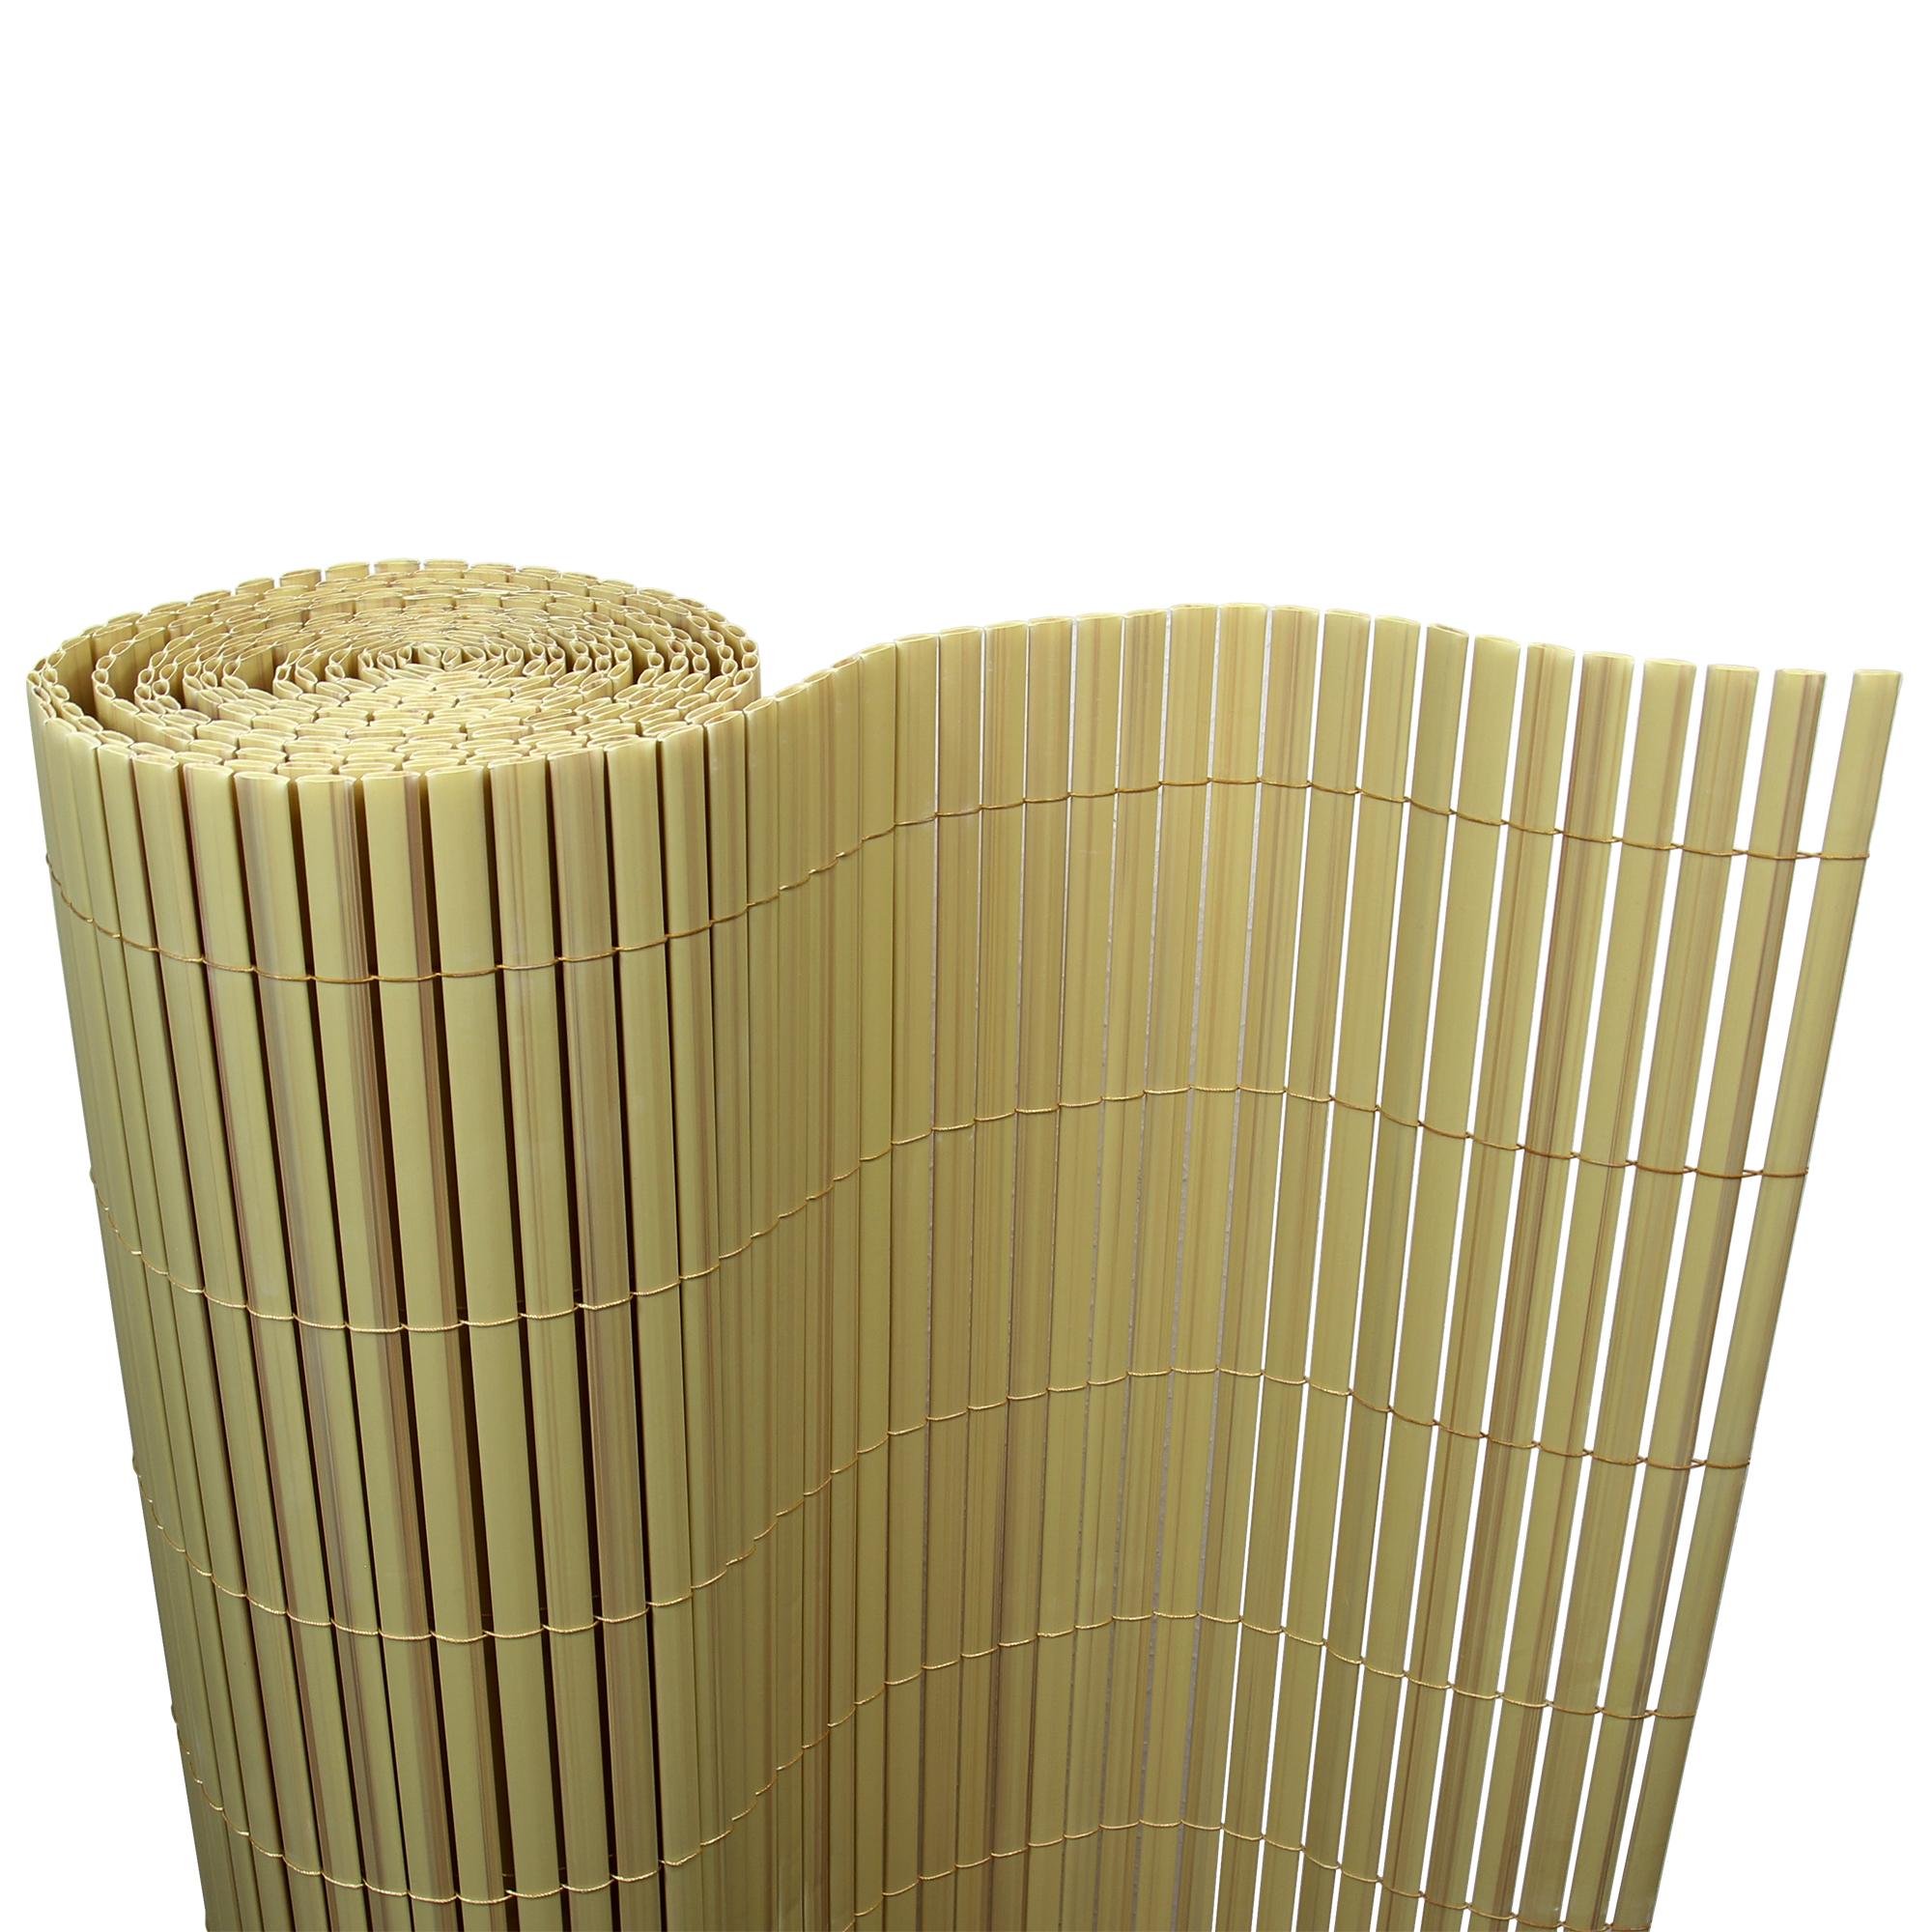 Balkon Sichtschutz Pvc Bambus Möbel Ideen und Home Design